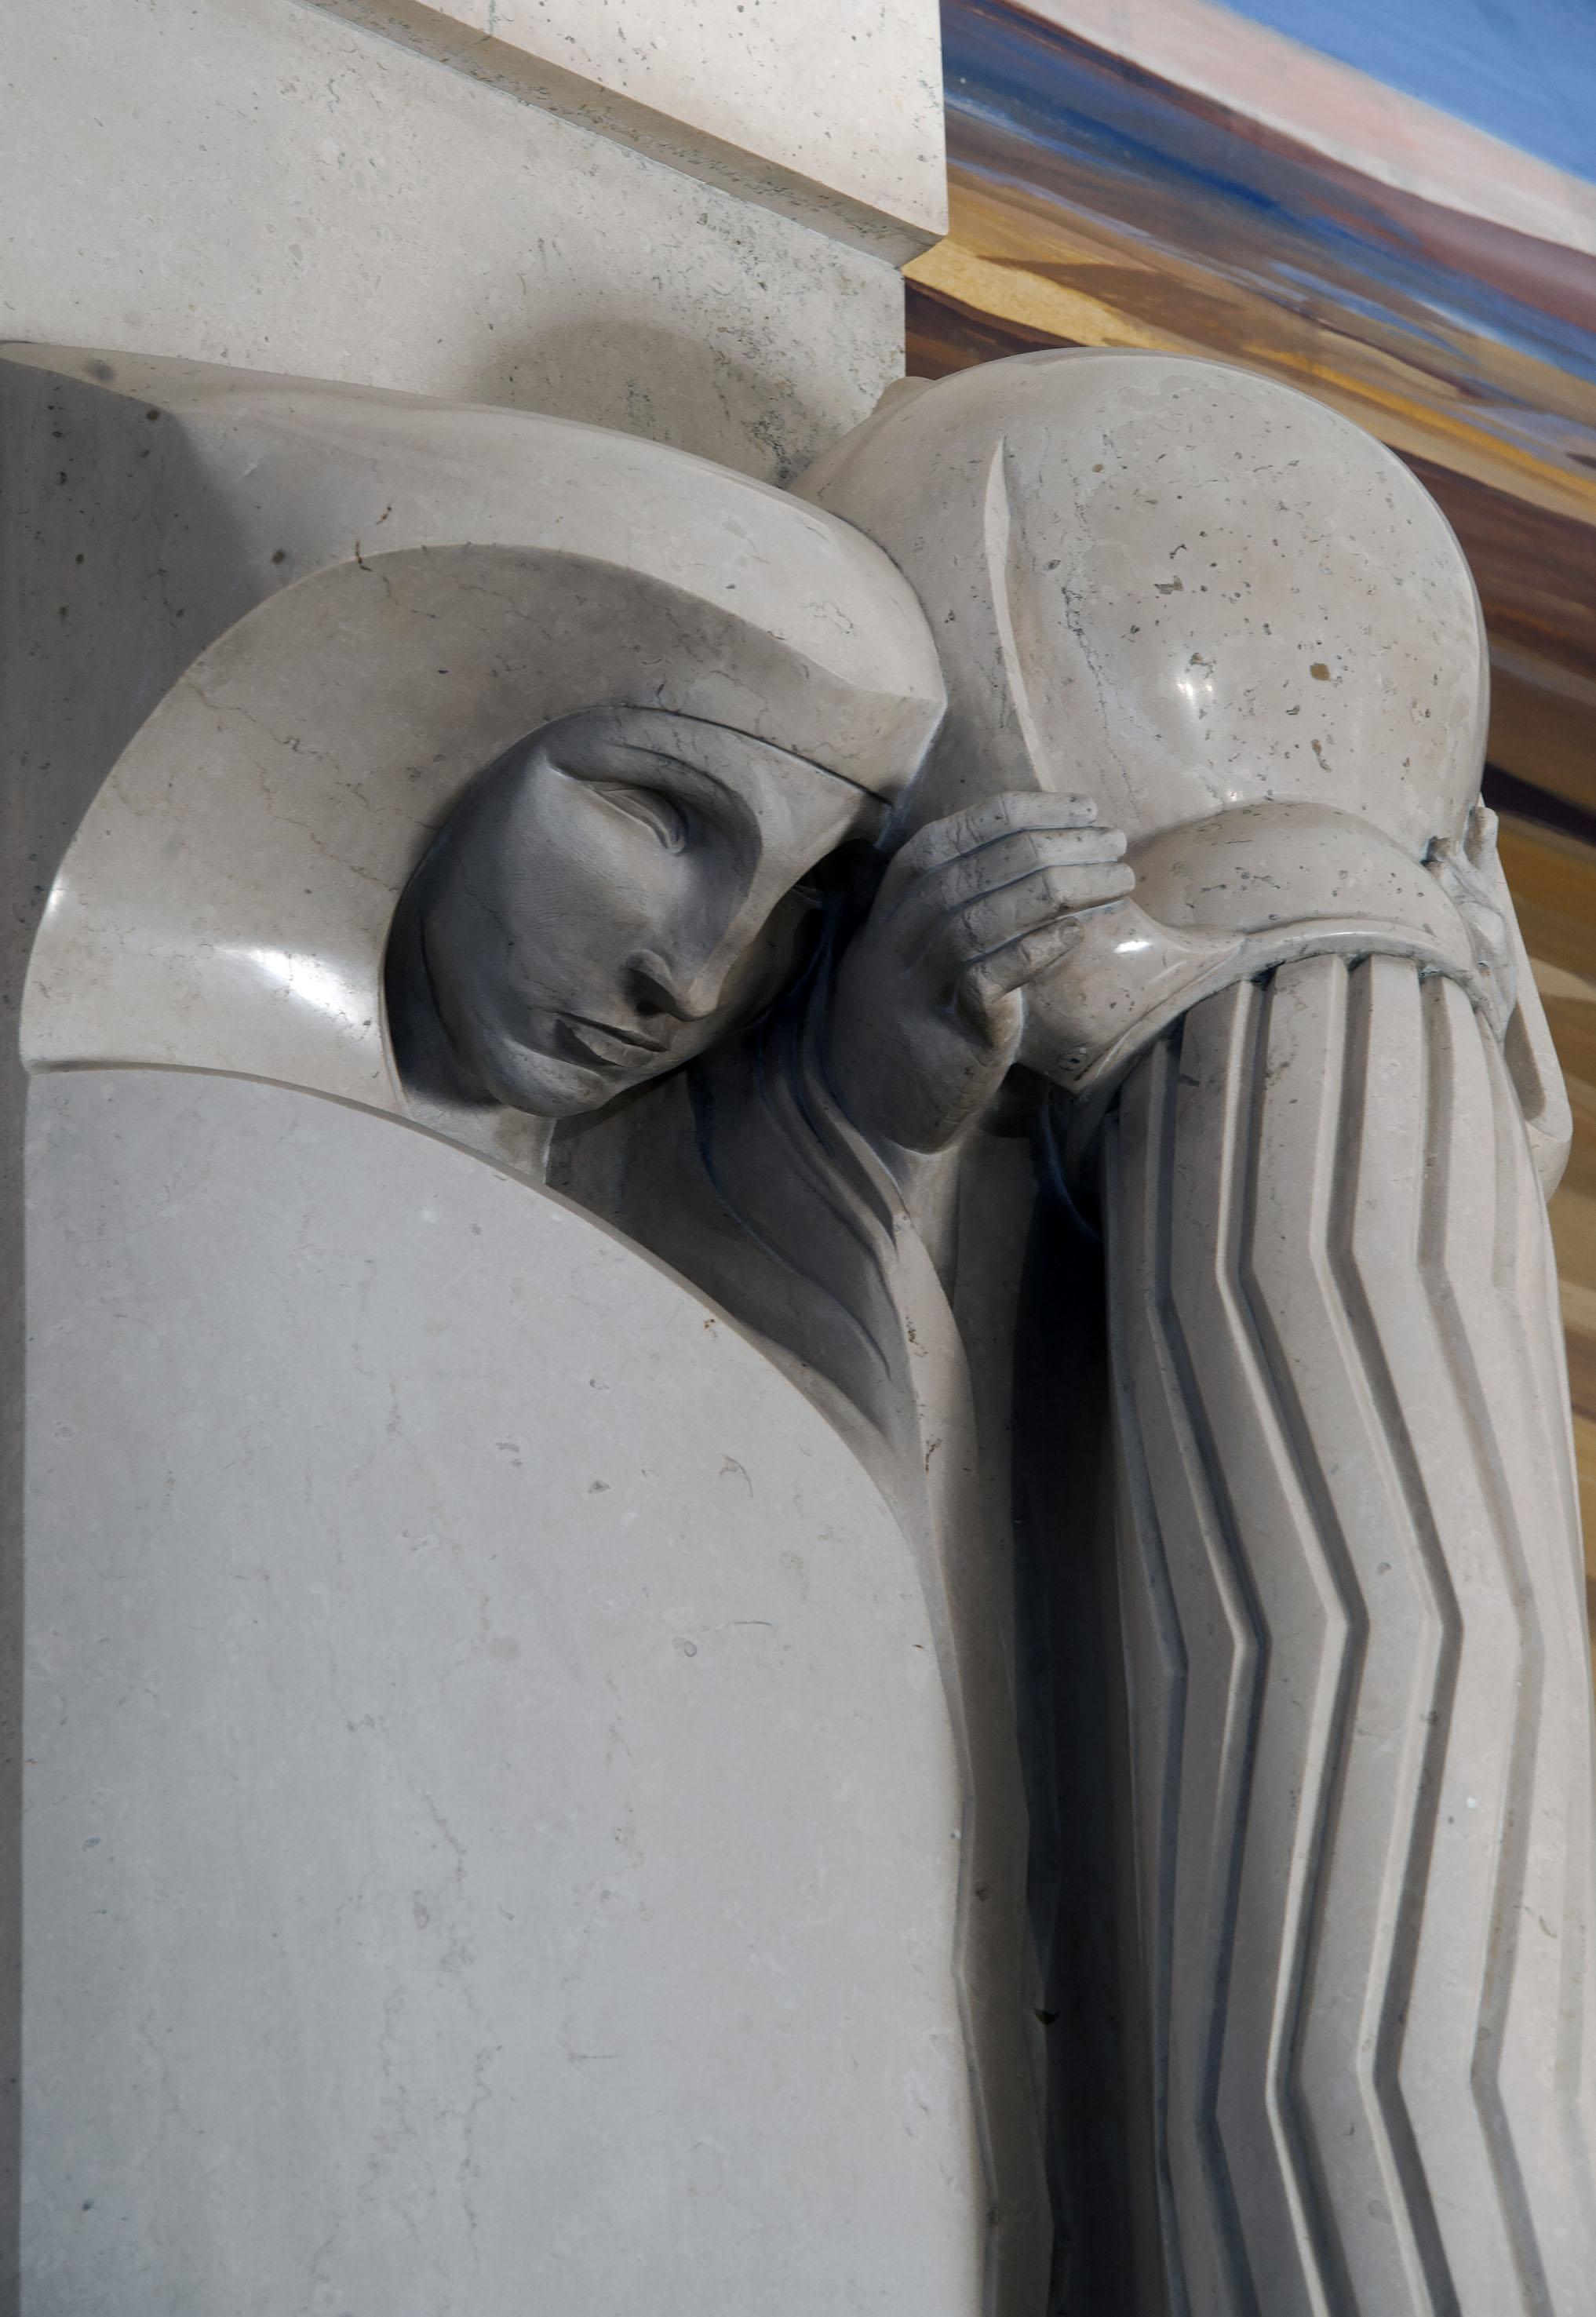 Duilio-Cambellotti-Palazzo-dell'Acquedotto-Pugliese-Sala-del-Consiglio-stele-dellacqua